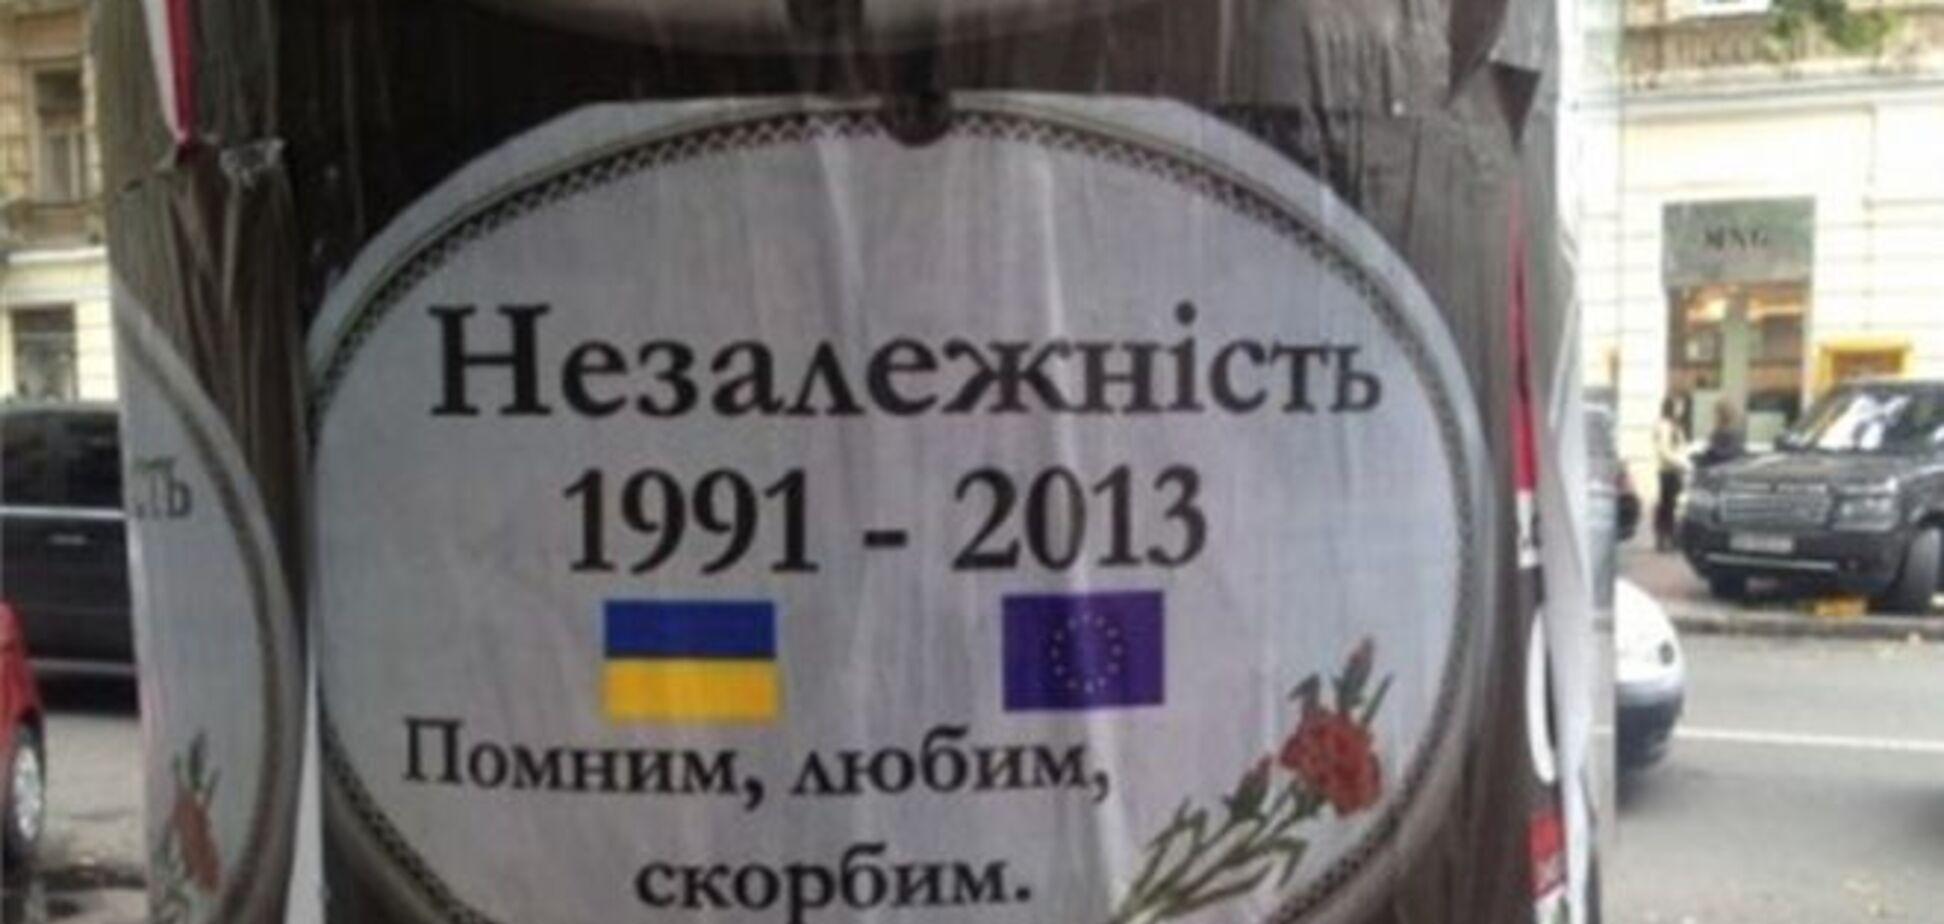 Від СБУ вимагають покарати 'поховали' незалежність України